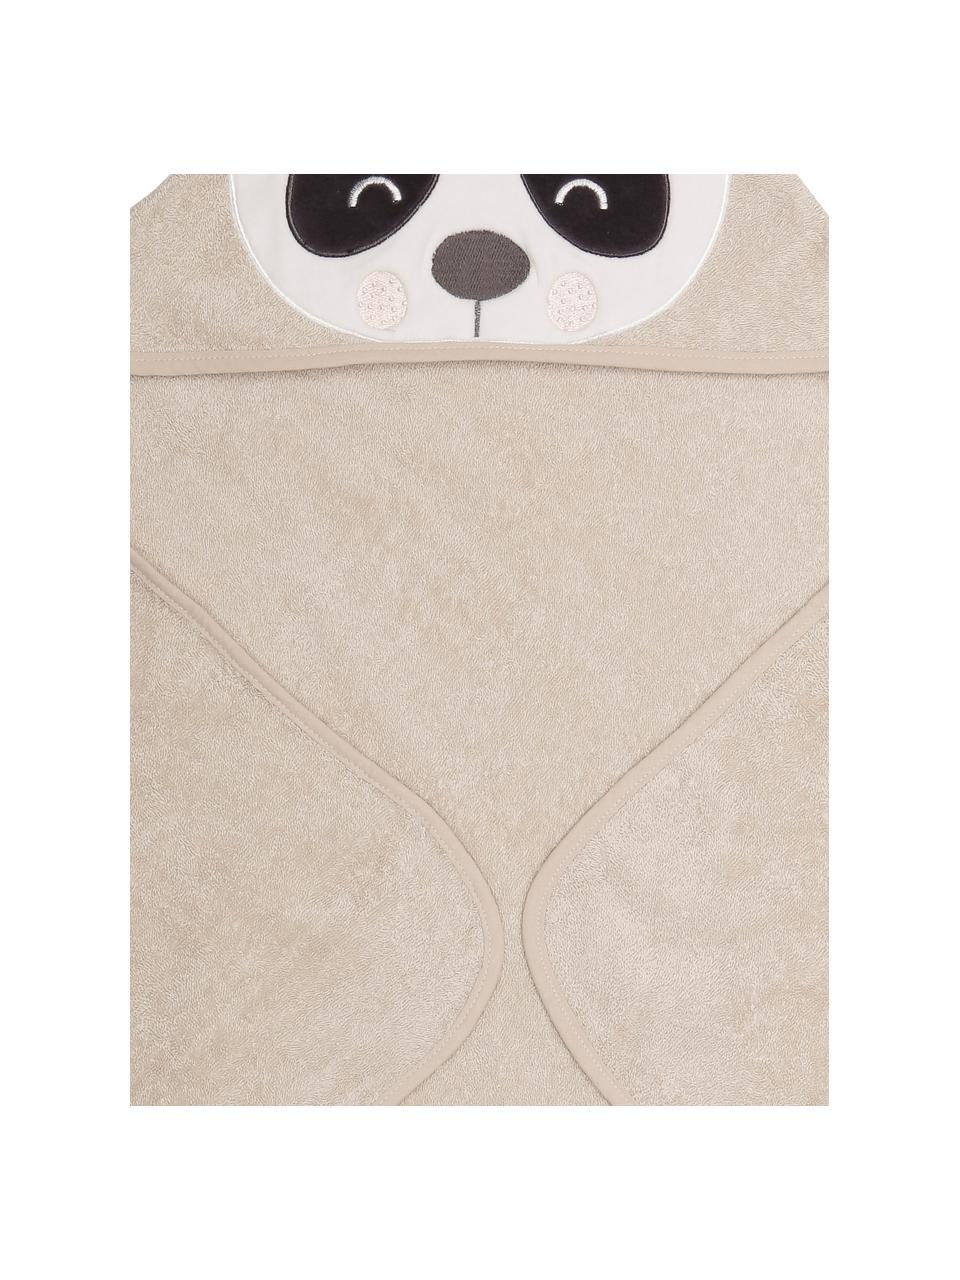 Asciugamano per neonati in cotone organico Panda Penny, 100% cotone organico, Beige, bianco, grigio scuro, Larg. 80 x Lung. 80 cm